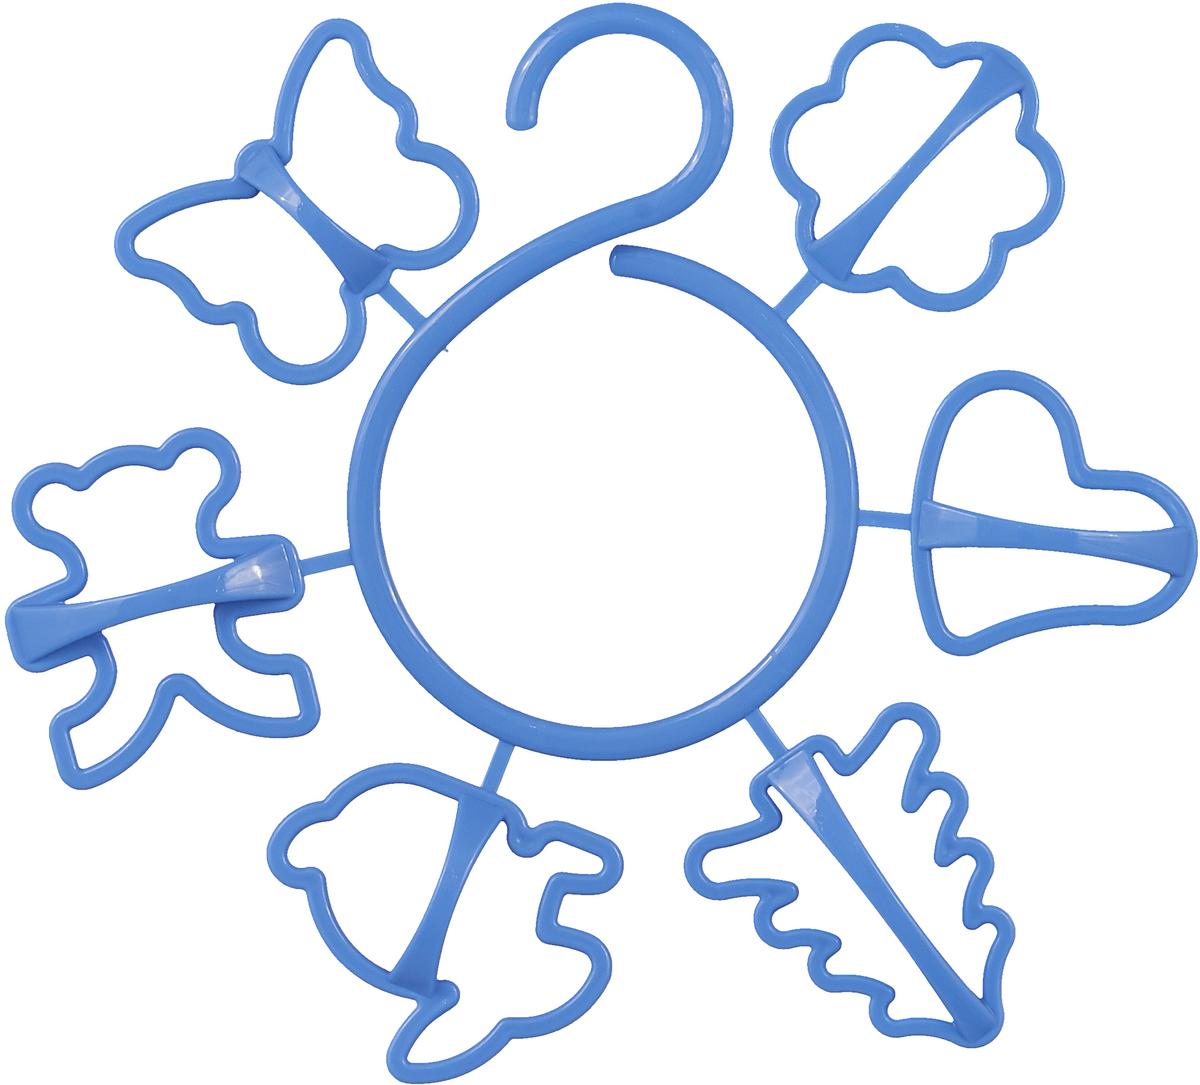 Набор форм для печенья Paterra, цвет: синий, 6 шт. 402_455 набор для гигиены paterra 5 в 1